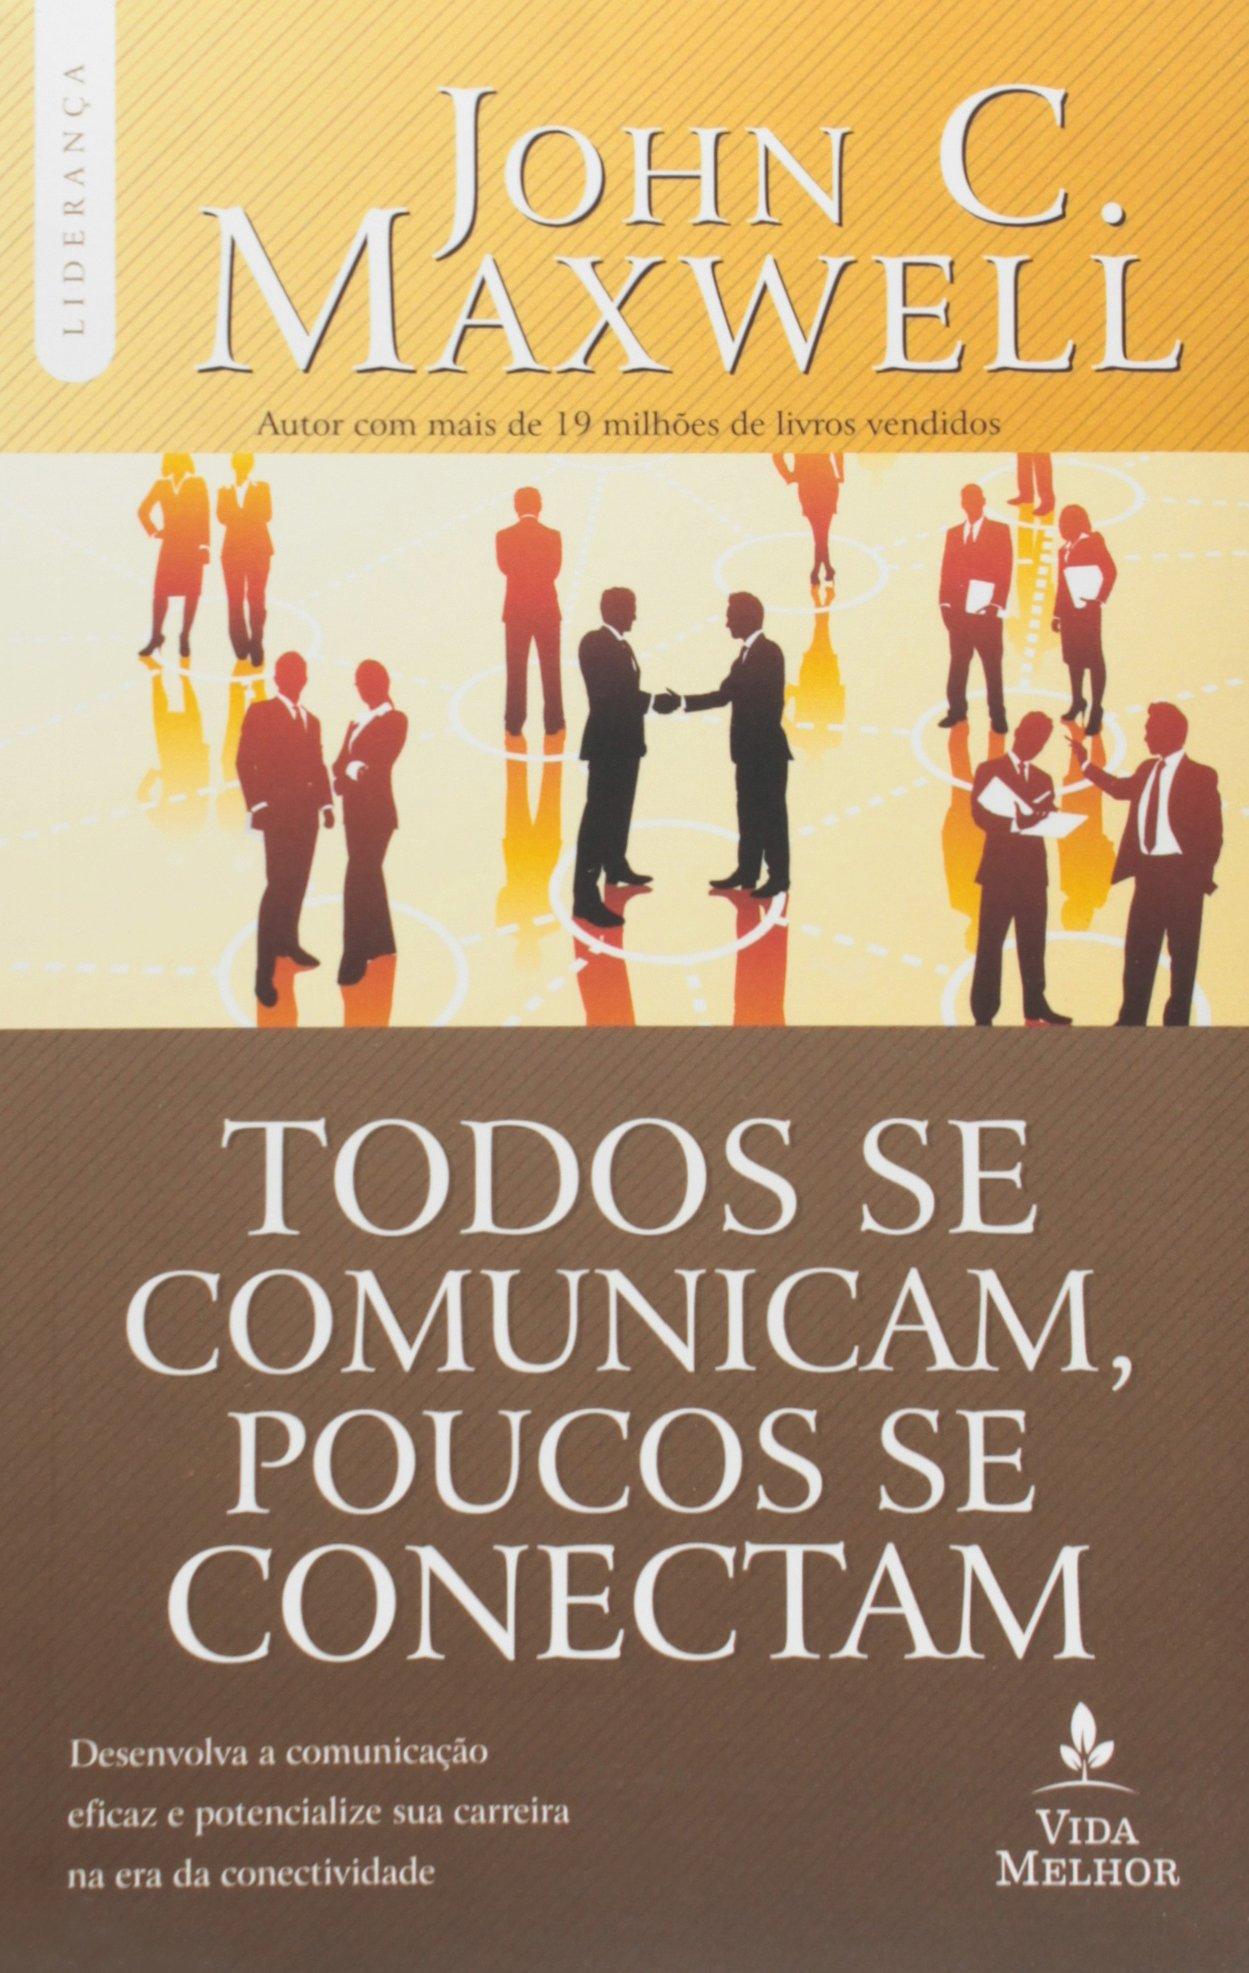 Todos se comunicam poucos se conectam 9788566997279 livros na todos se comunicam poucos se conectam 9788566997279 livros na amazon brasil fandeluxe Image collections